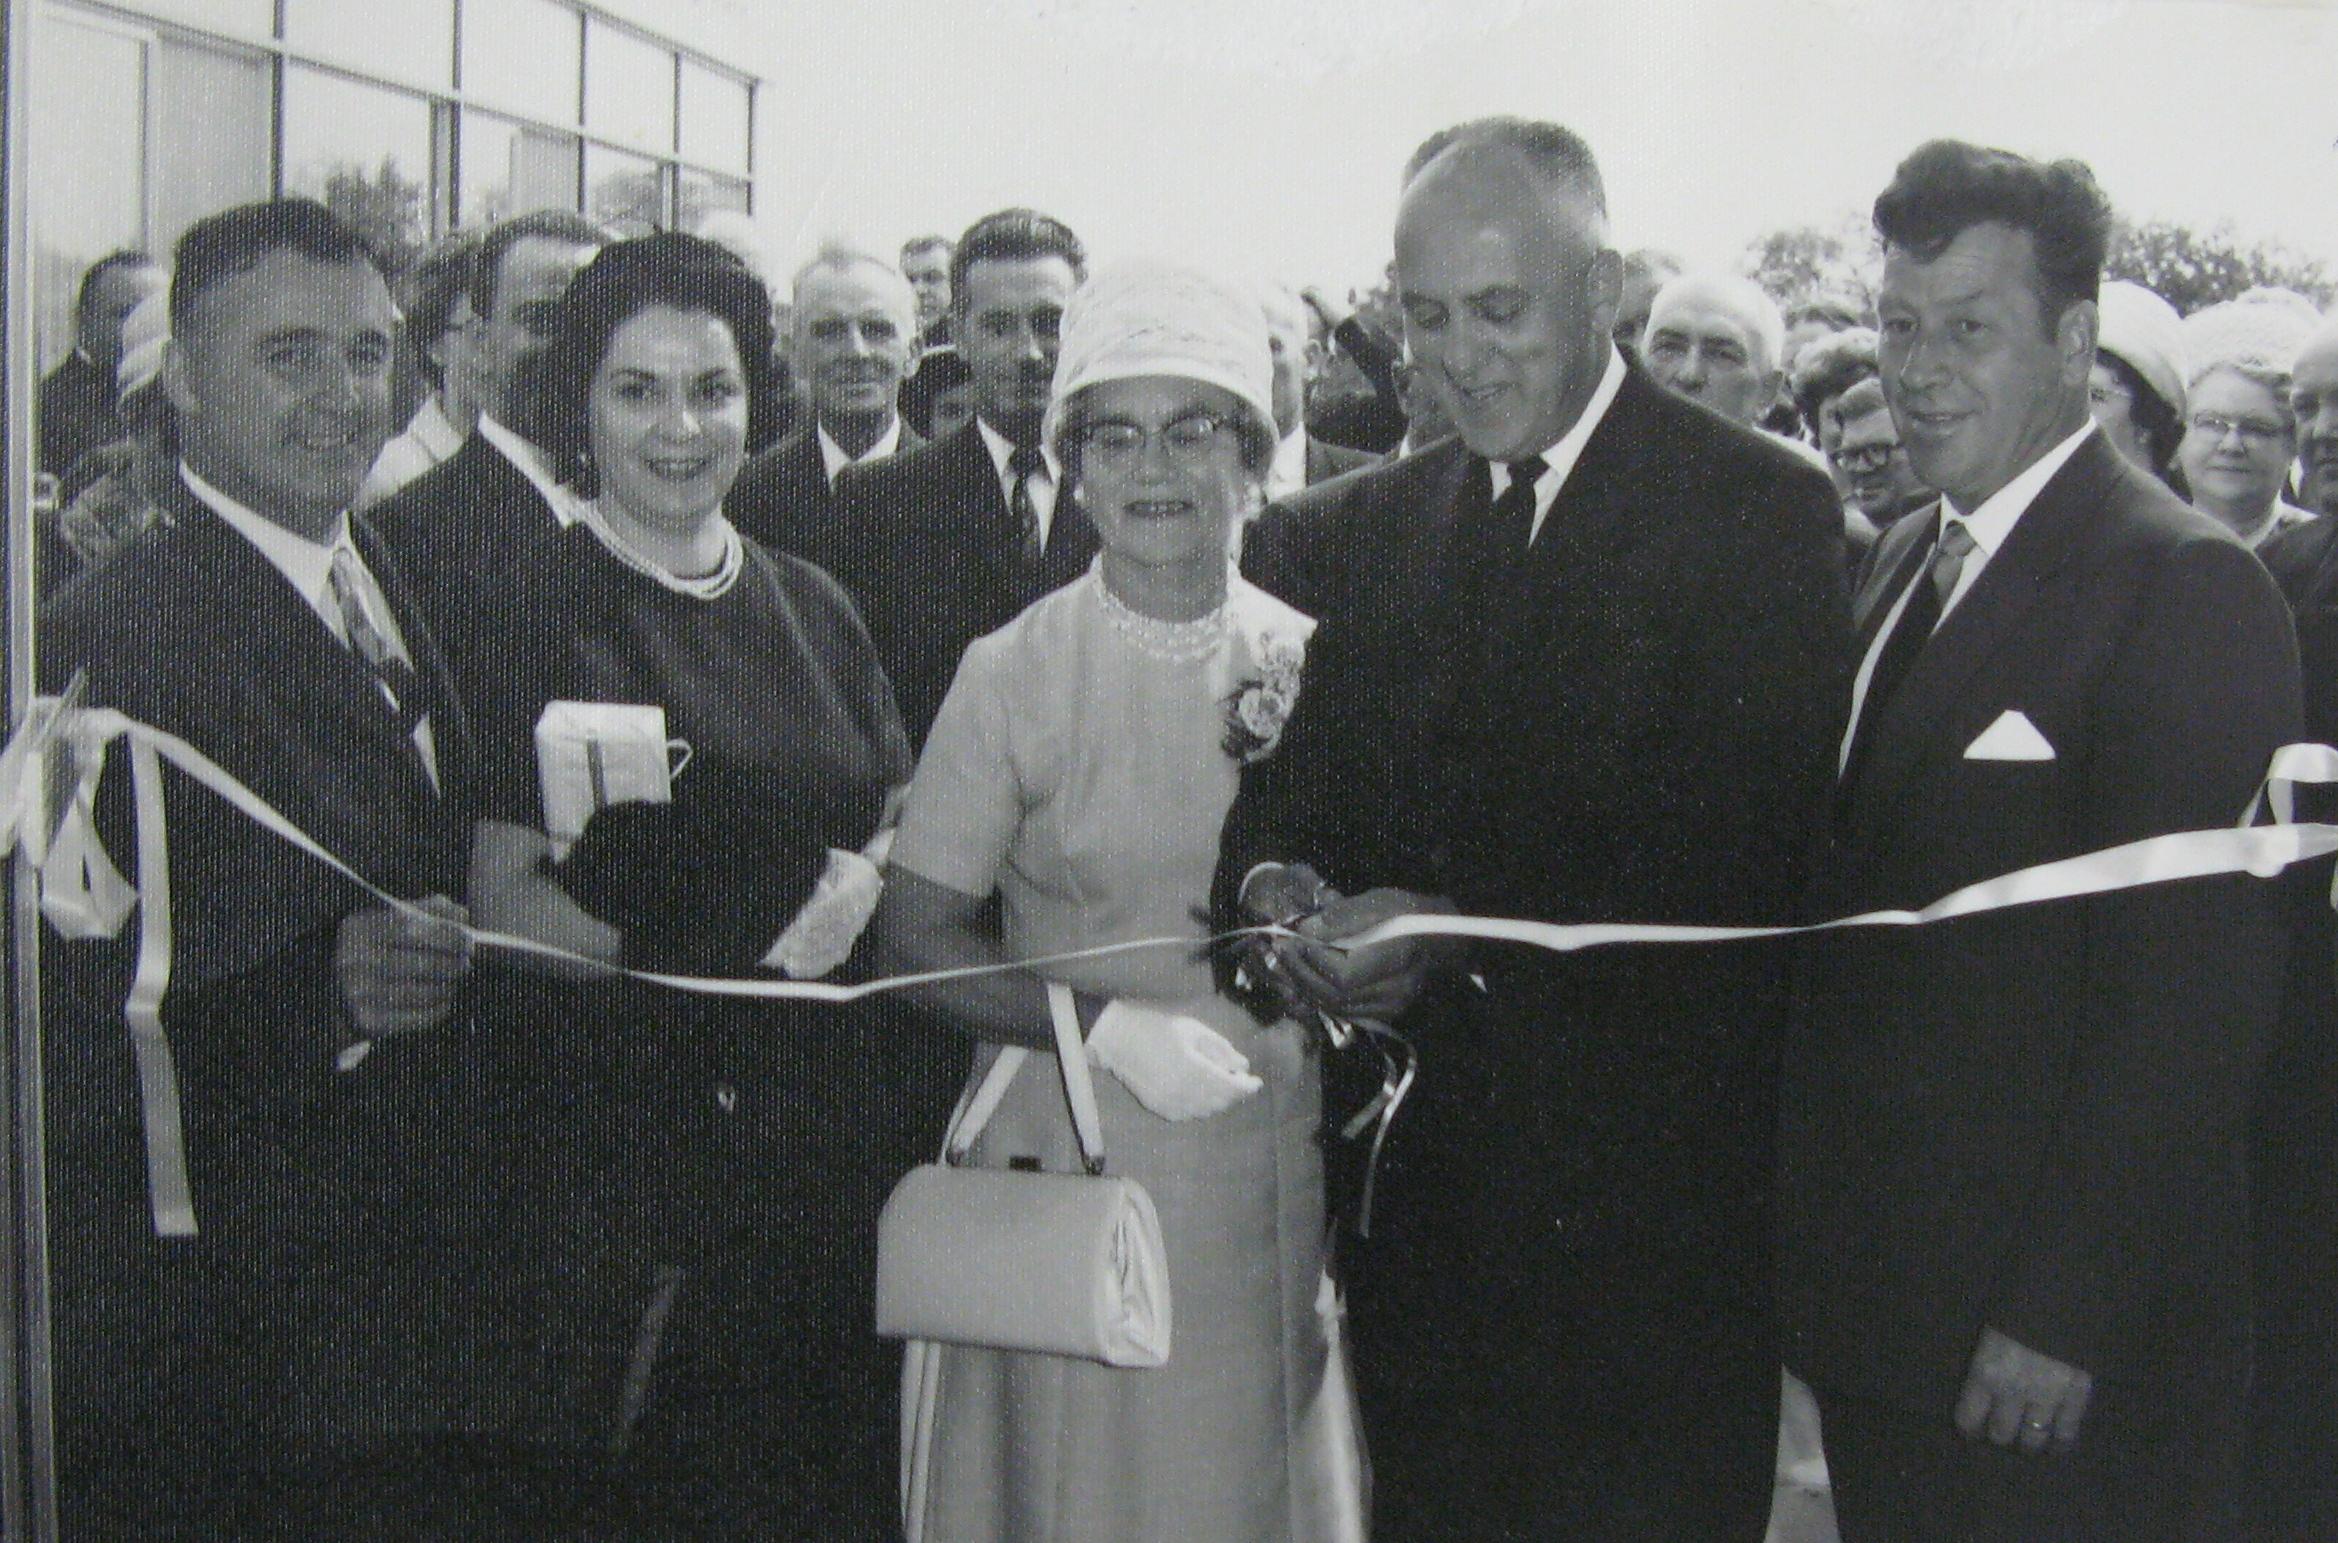 Elsie Gibbons (middle), Lady Mayor of Portage-du-Fort.